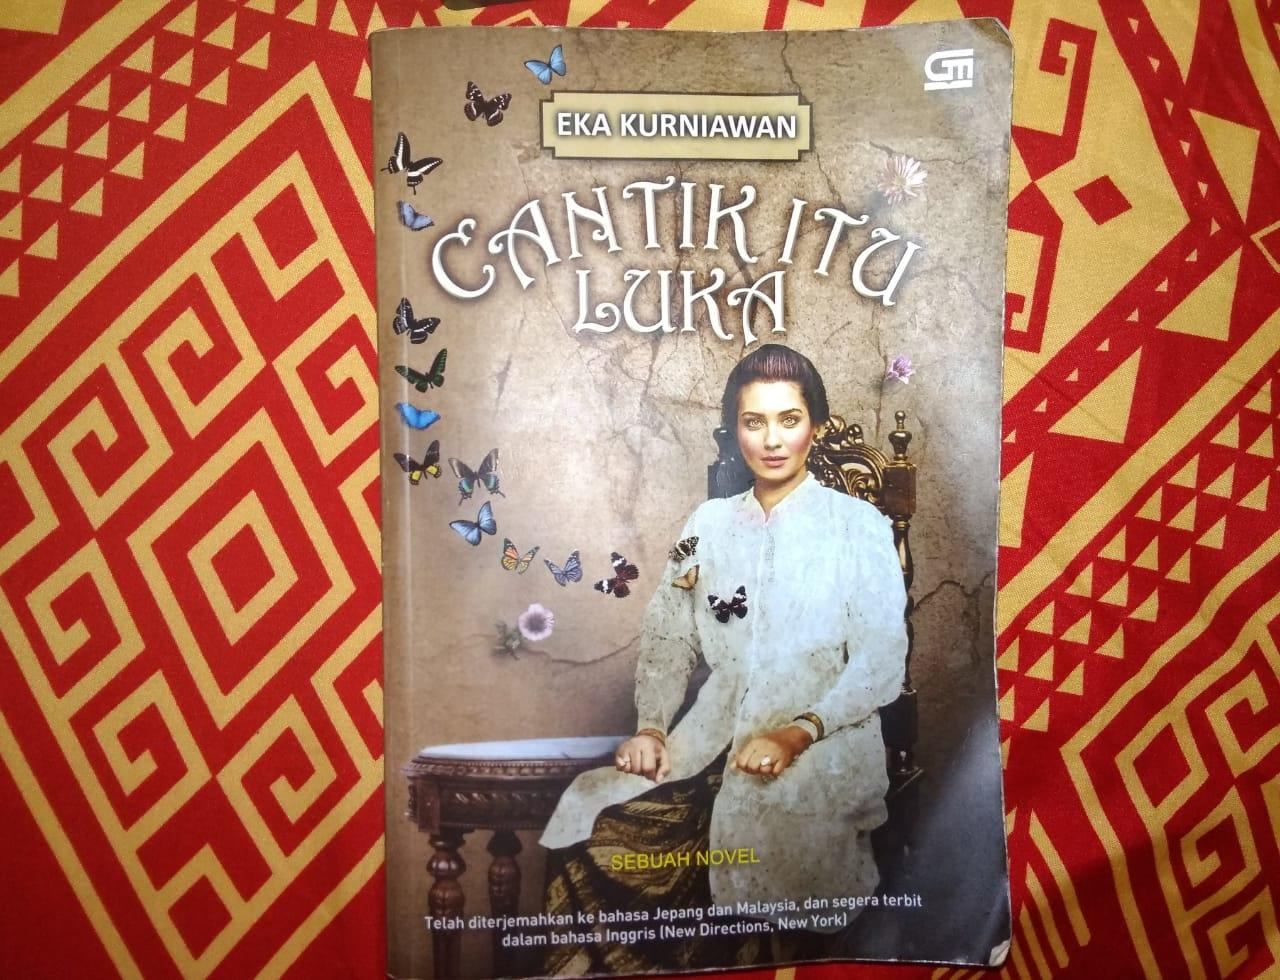 [COCBuku] Review Buku Cantik Itu Luka - Eka Kurniawan #AslinyaLo